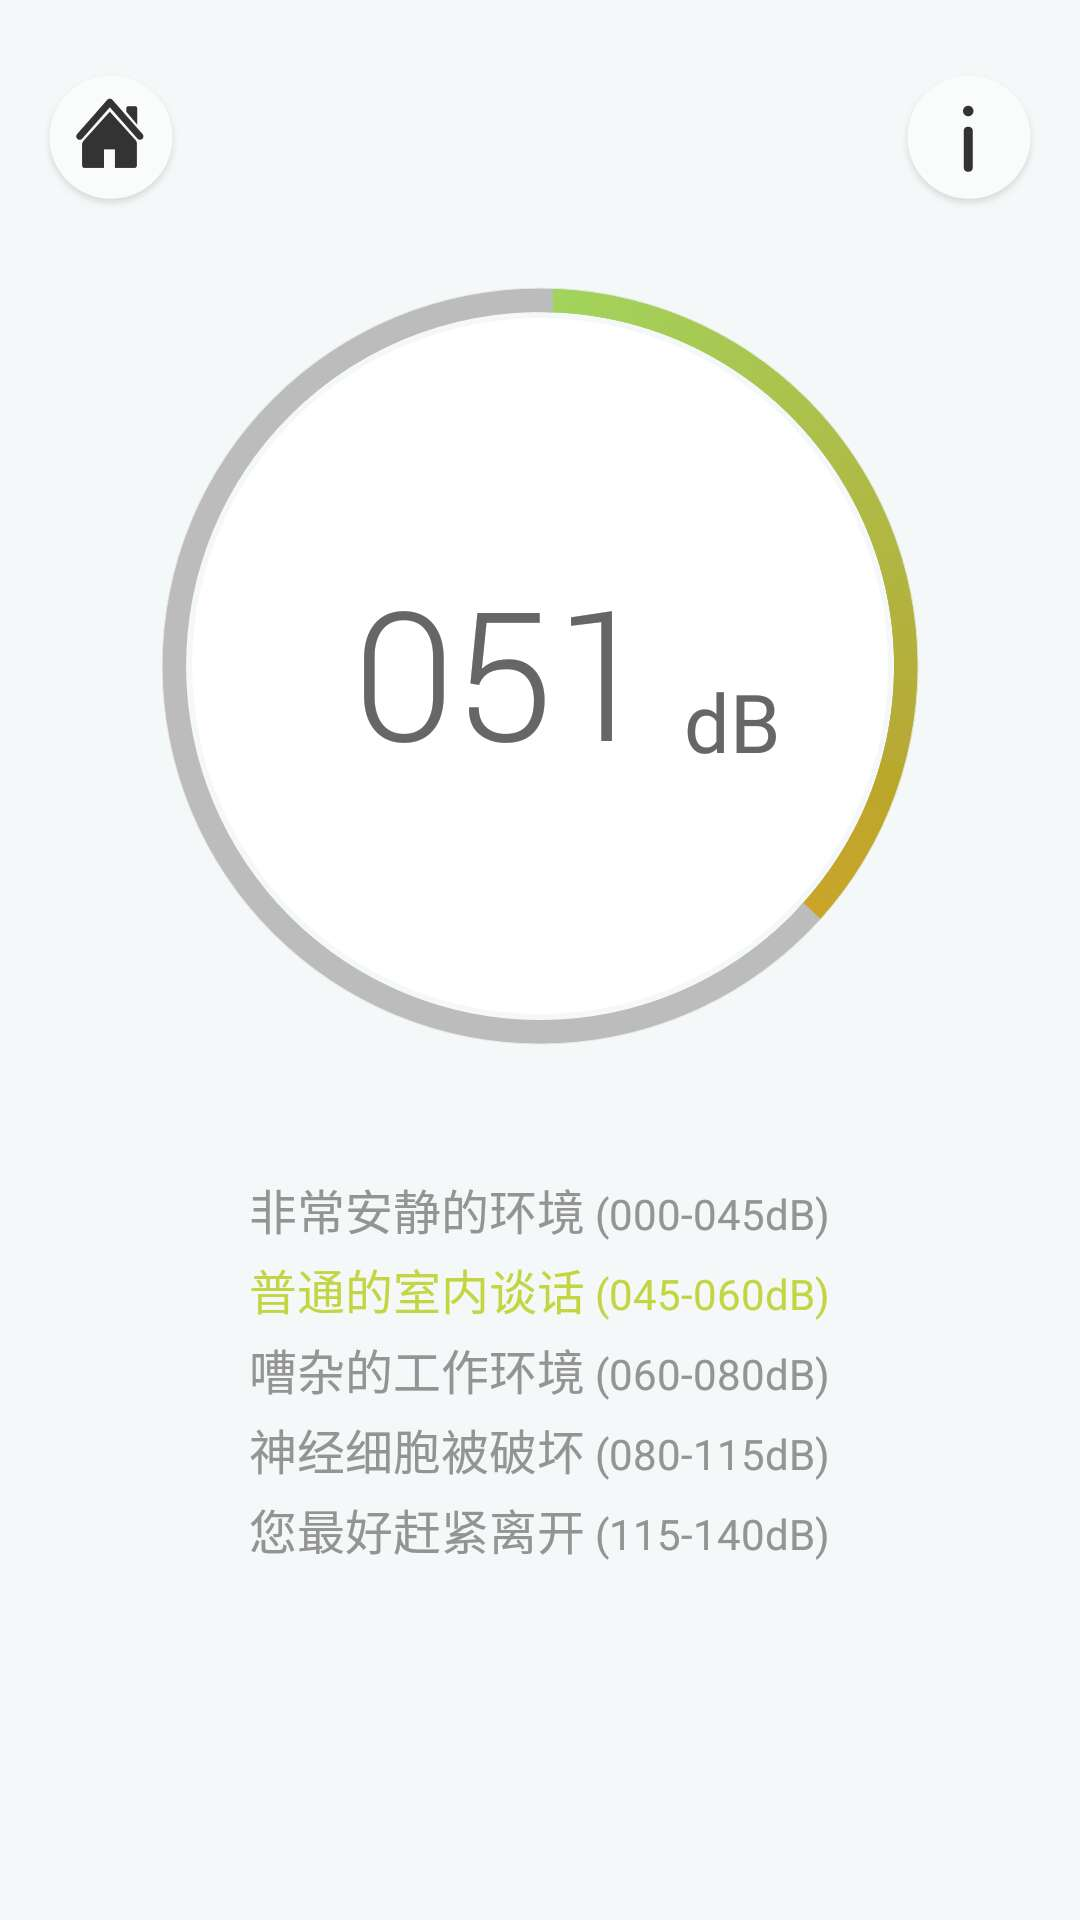 星际蜗牛C款i211网卡服务器(第二篇)改造风扇篇 互联网IT 第19张